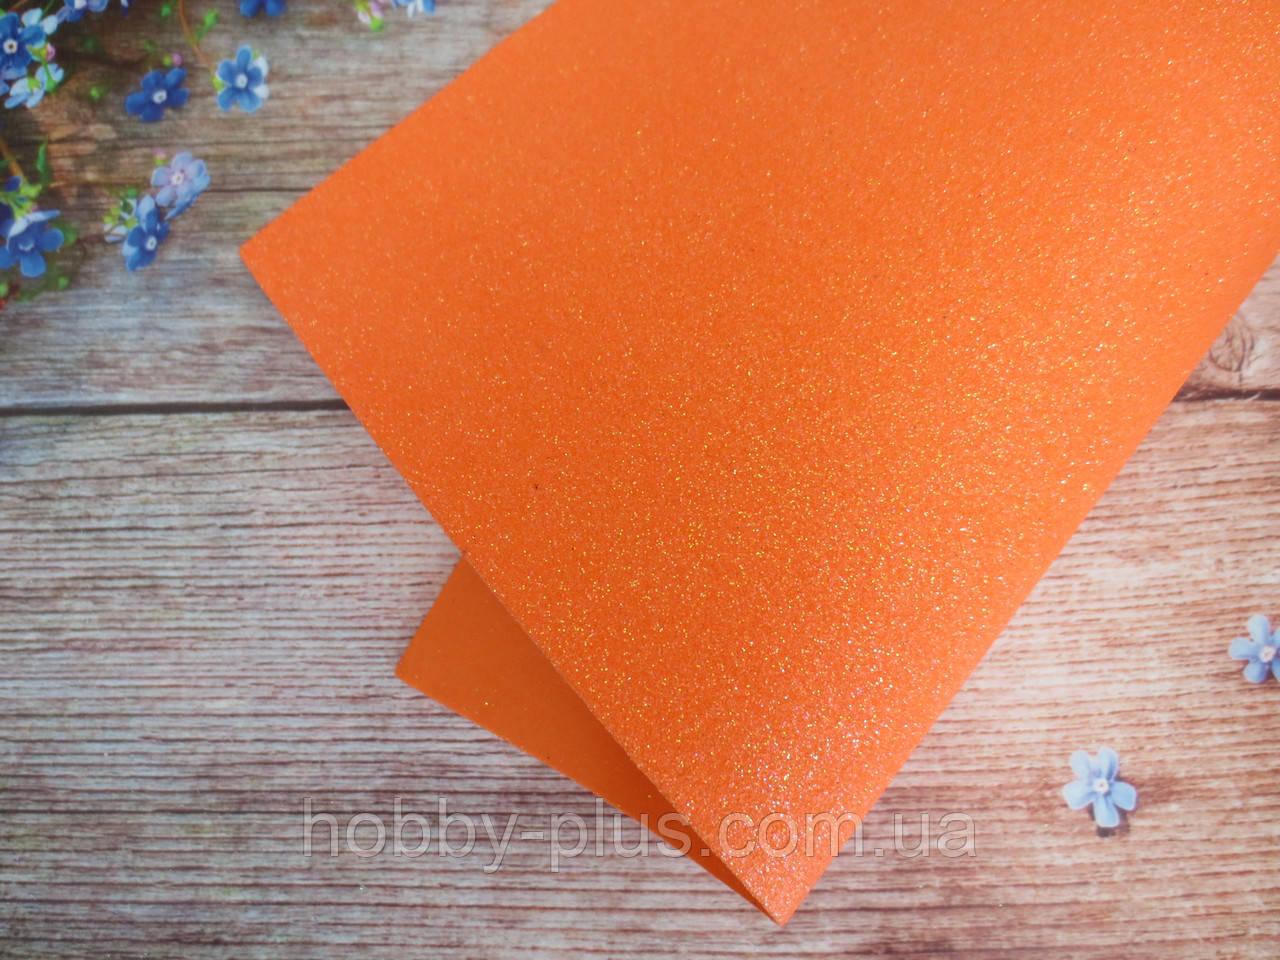 Фоамиран глиттерный 1,6 мм, 20x30 см, Китай, ОРАНЖЕВЫЙ с переливом